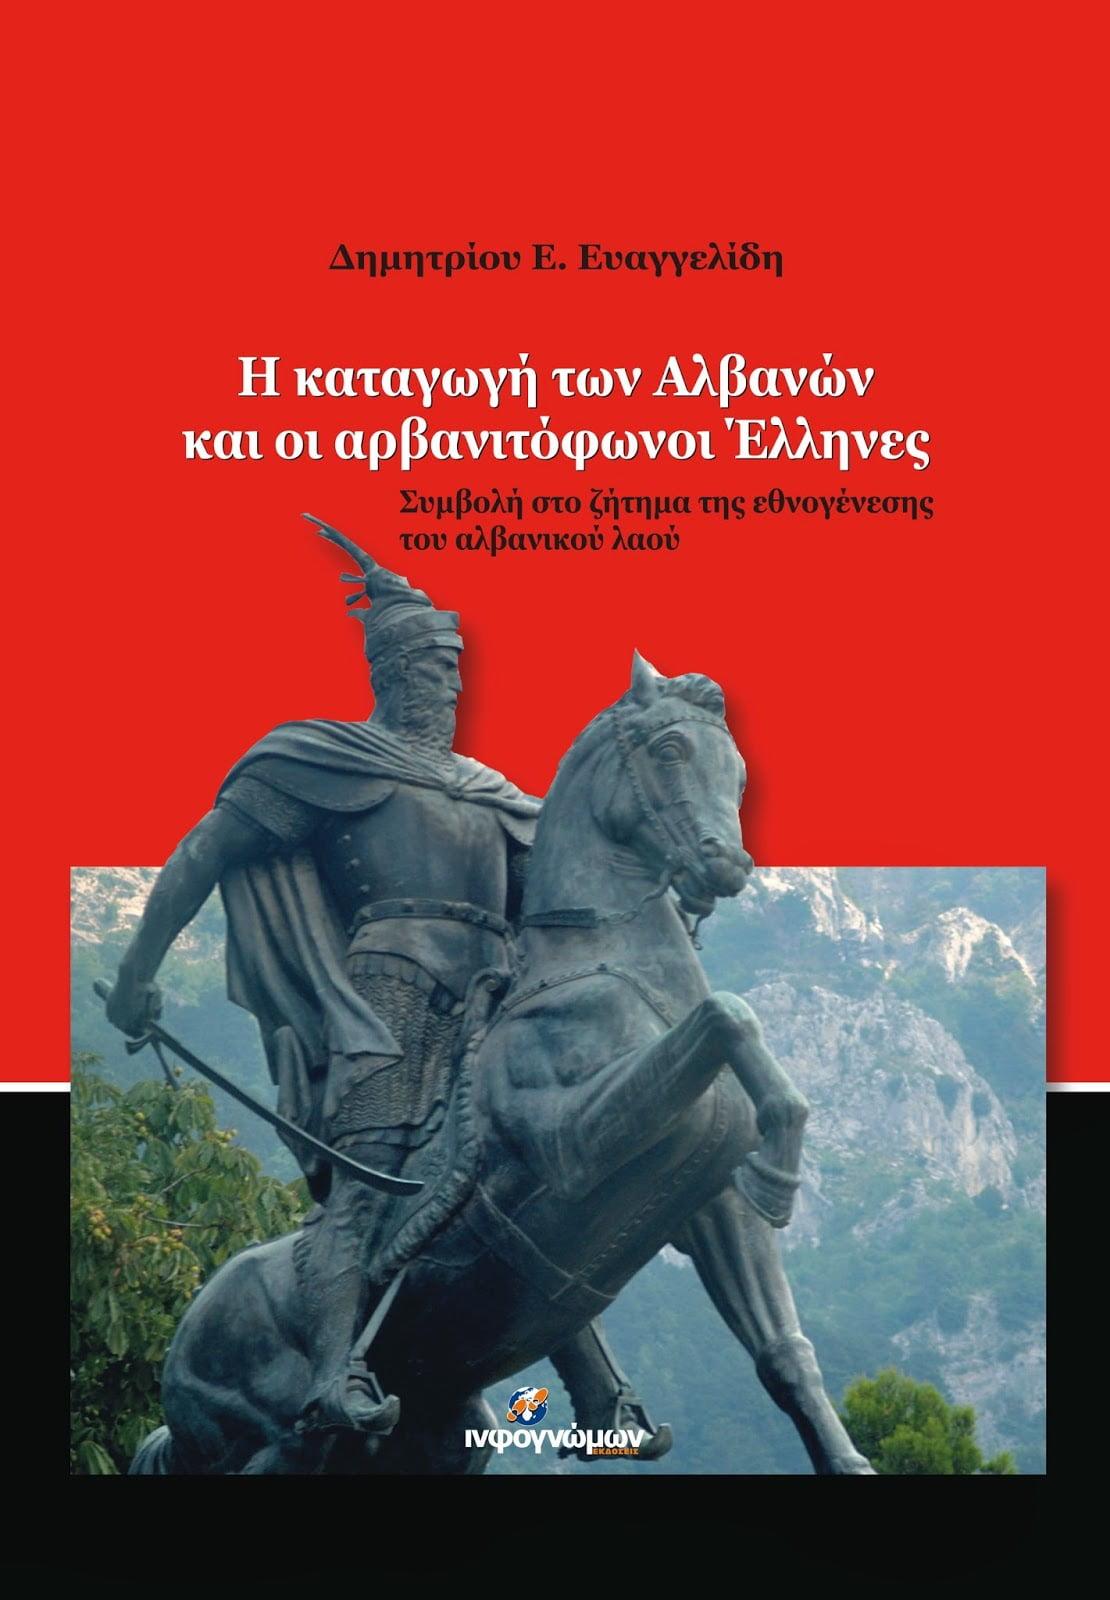 Παρουσίαση του βιβλίου «Η καταγωγή των Αλβανών και οι αρβανιτόφωνοι Έλληνες» στο Χολαργό, Τετάρτη, 9 Δεκεμβρίου 2015